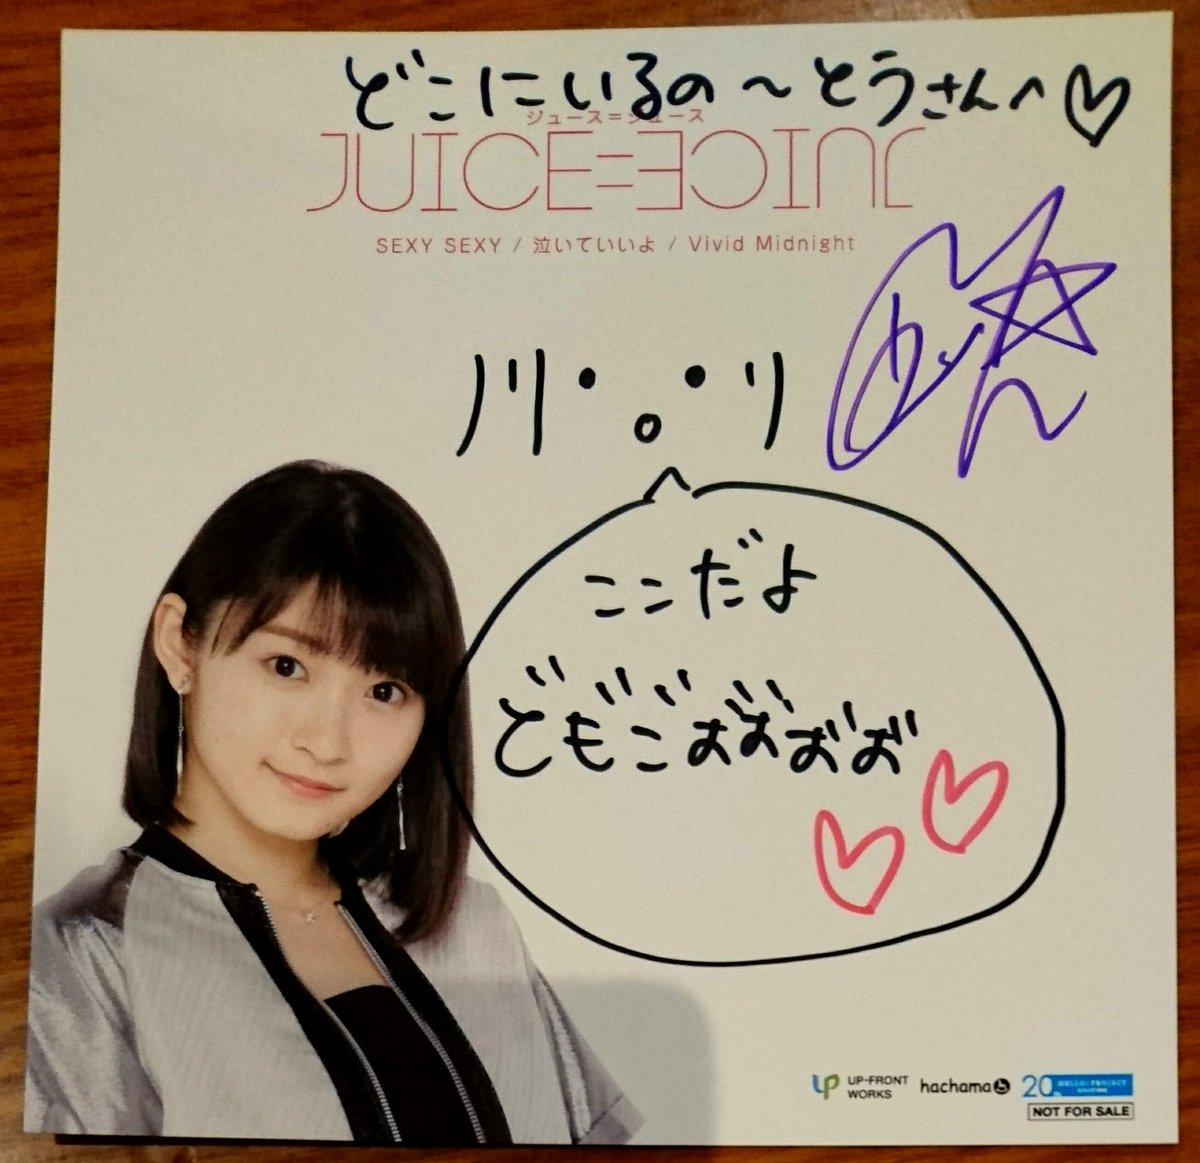 【エンタメ画像】【Juice=Juice】宮本佳林ちゃんが自分のAAを知ってる件